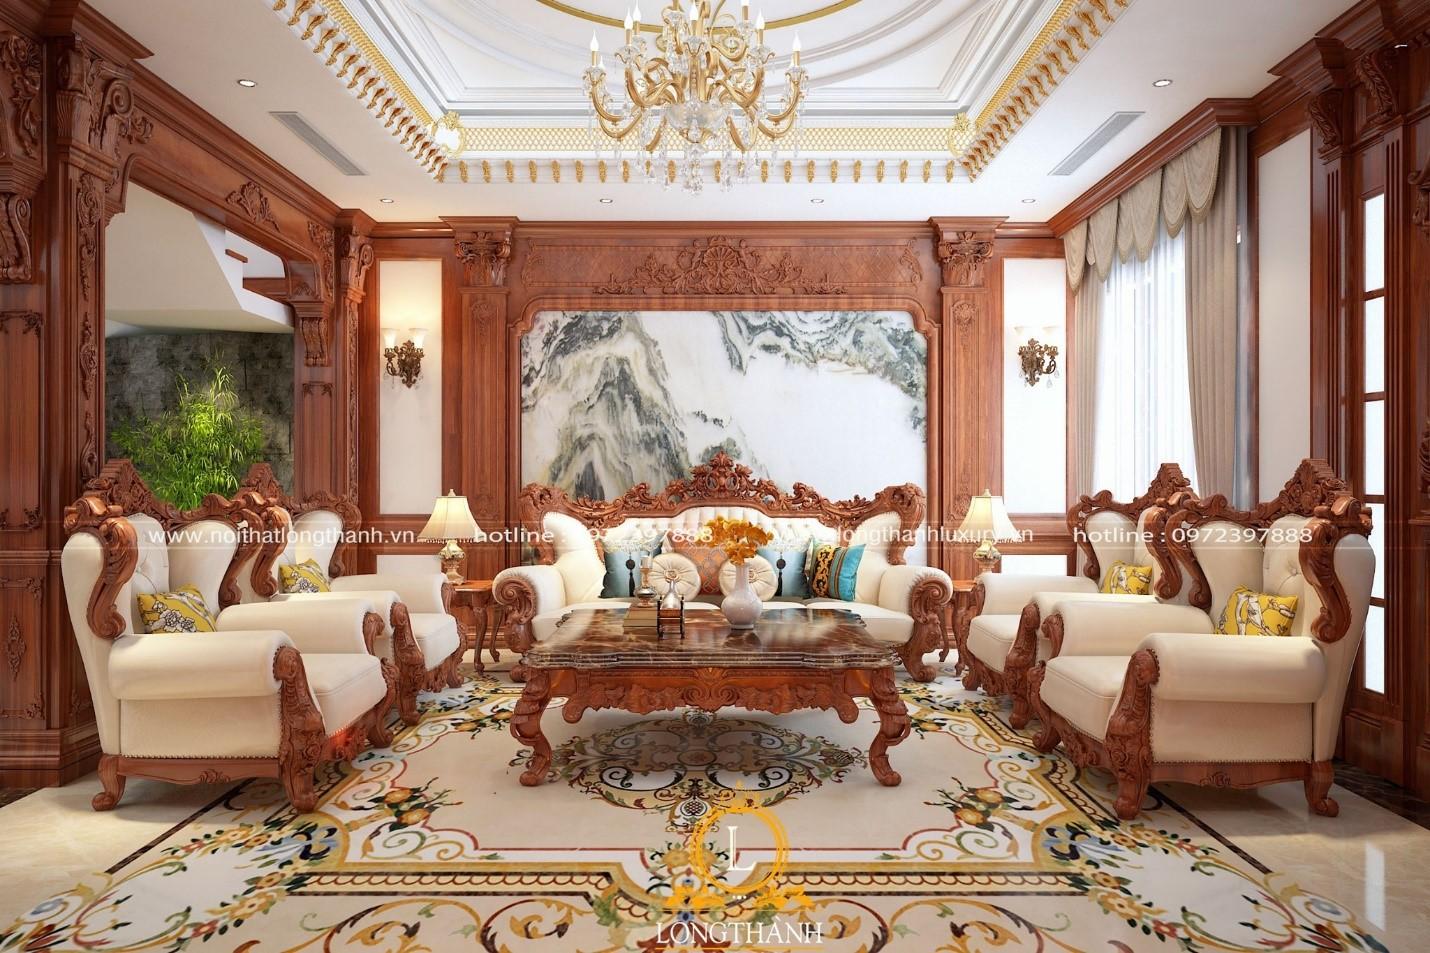 Gỗ gõ đỏ trong mẫu thiết kế sofa tân cổ điển